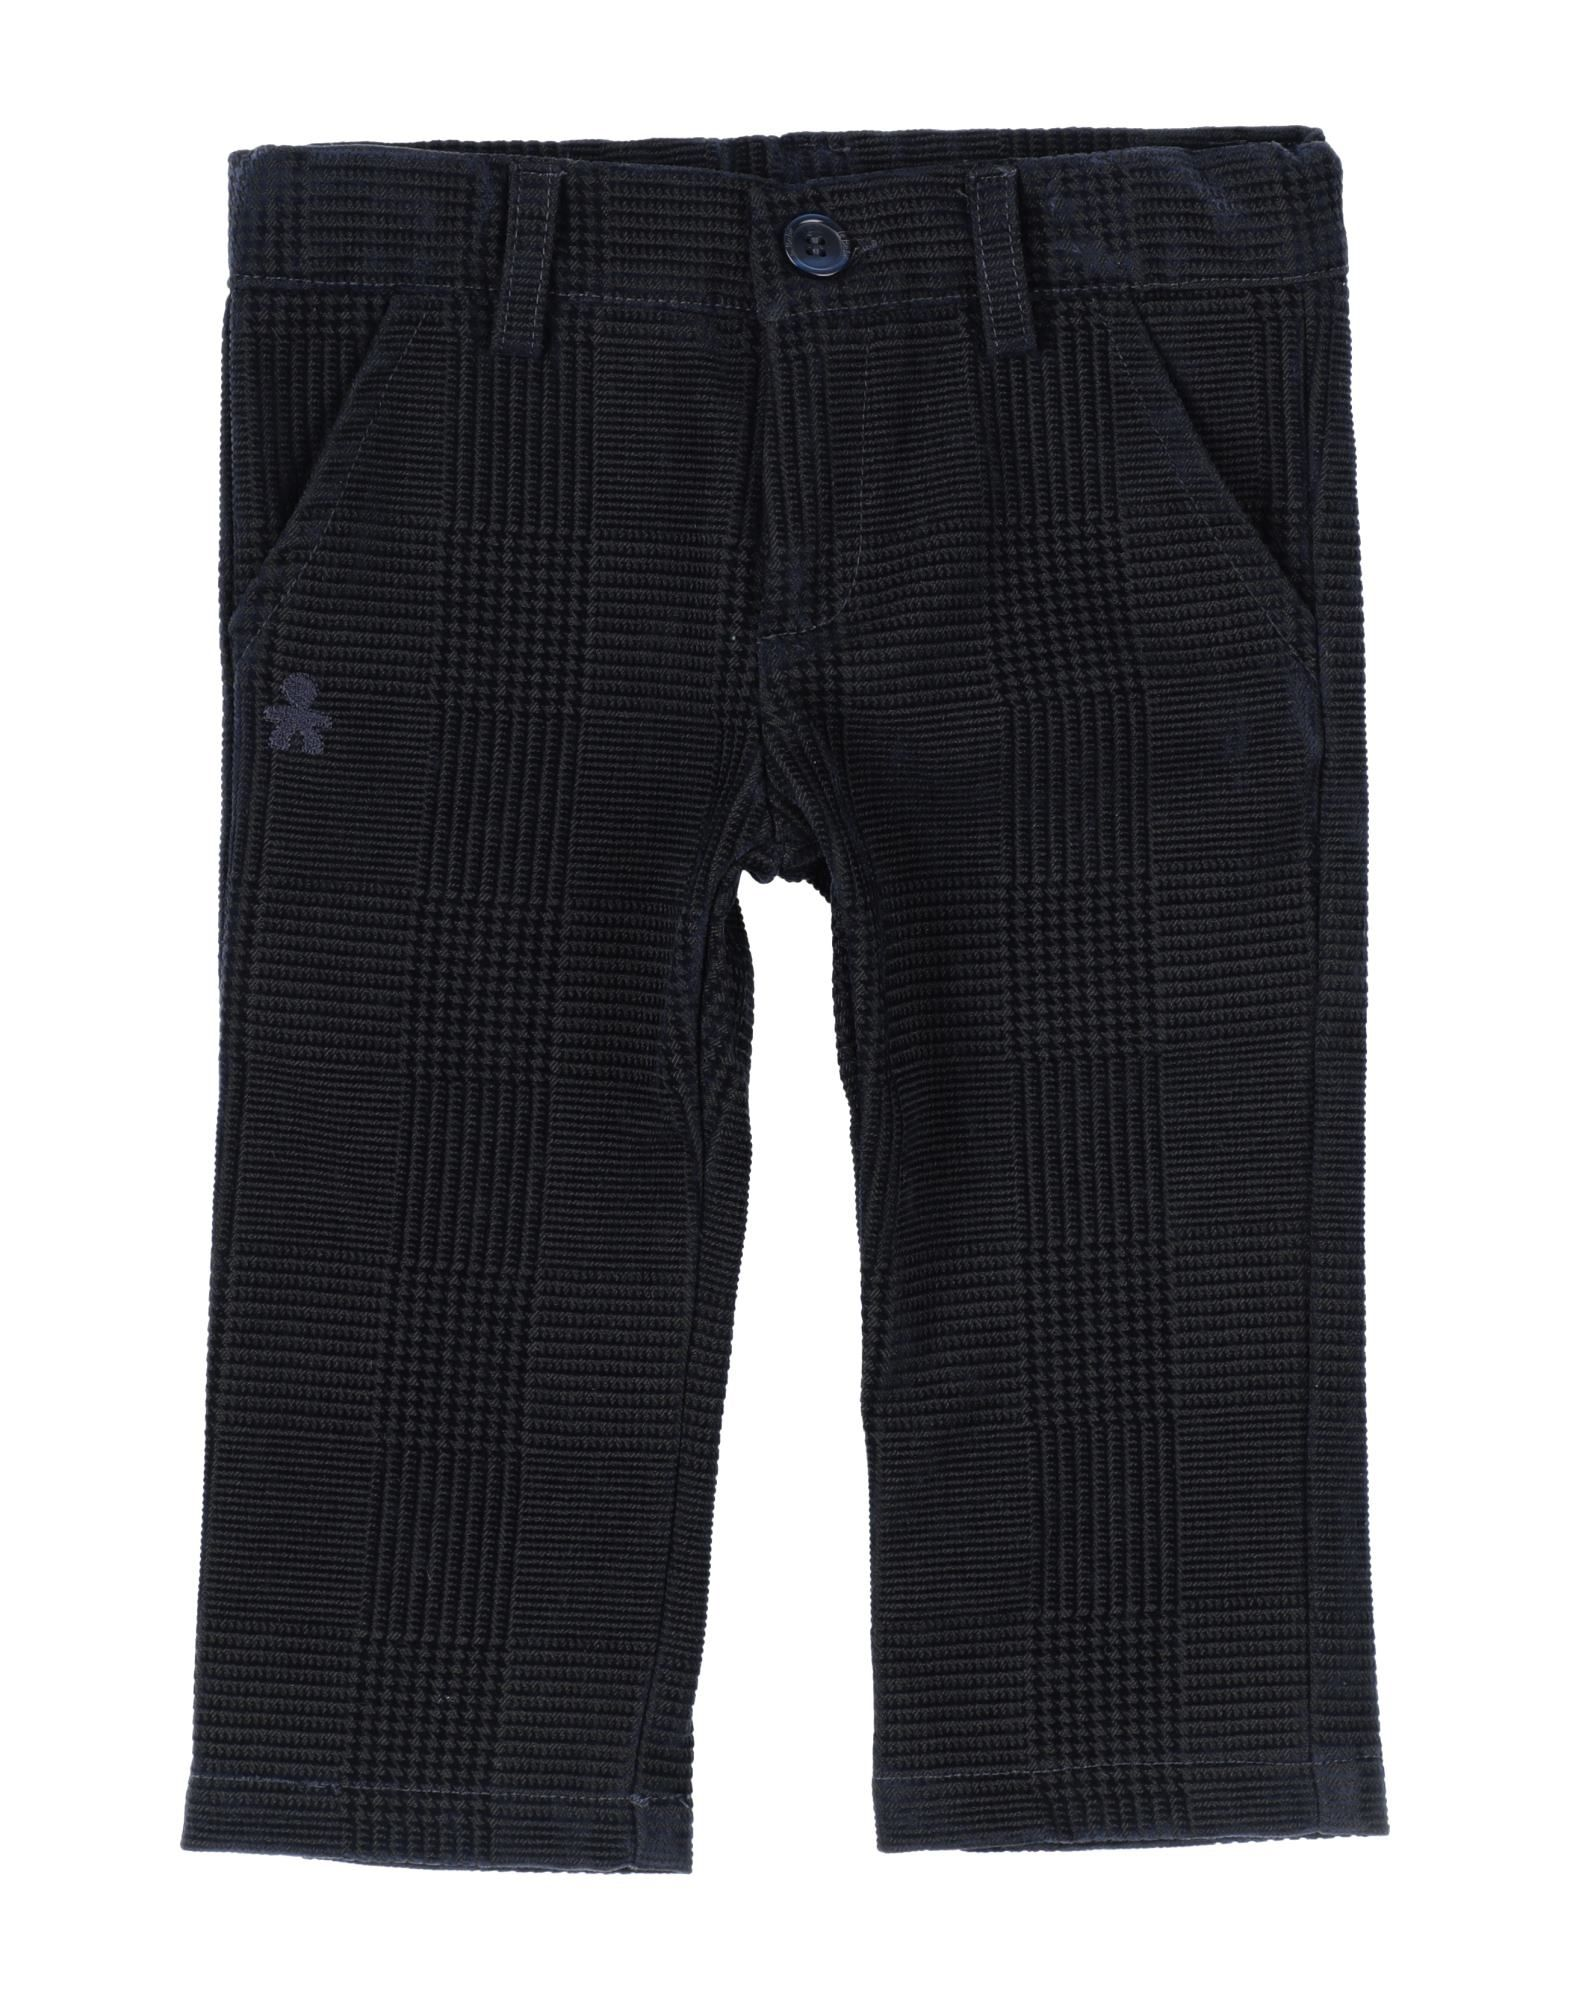 Le Bebé Kids' Casual Pants In Black